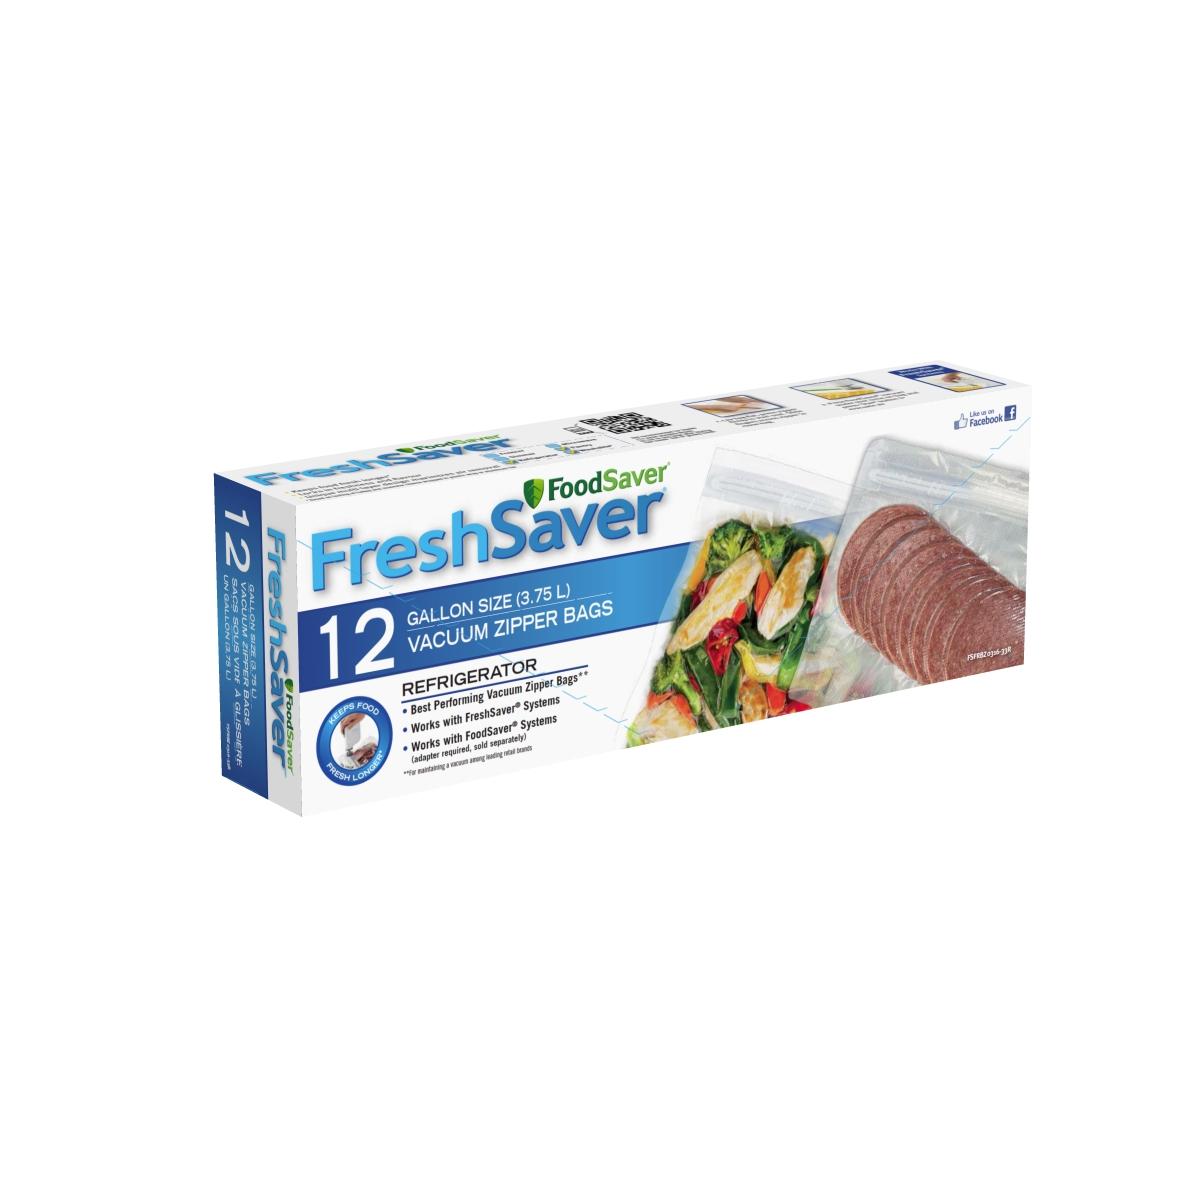 foodsaver freshsaver gallon size zipper vacuum sealer bags 12 count - Vacuum Sealer Bags